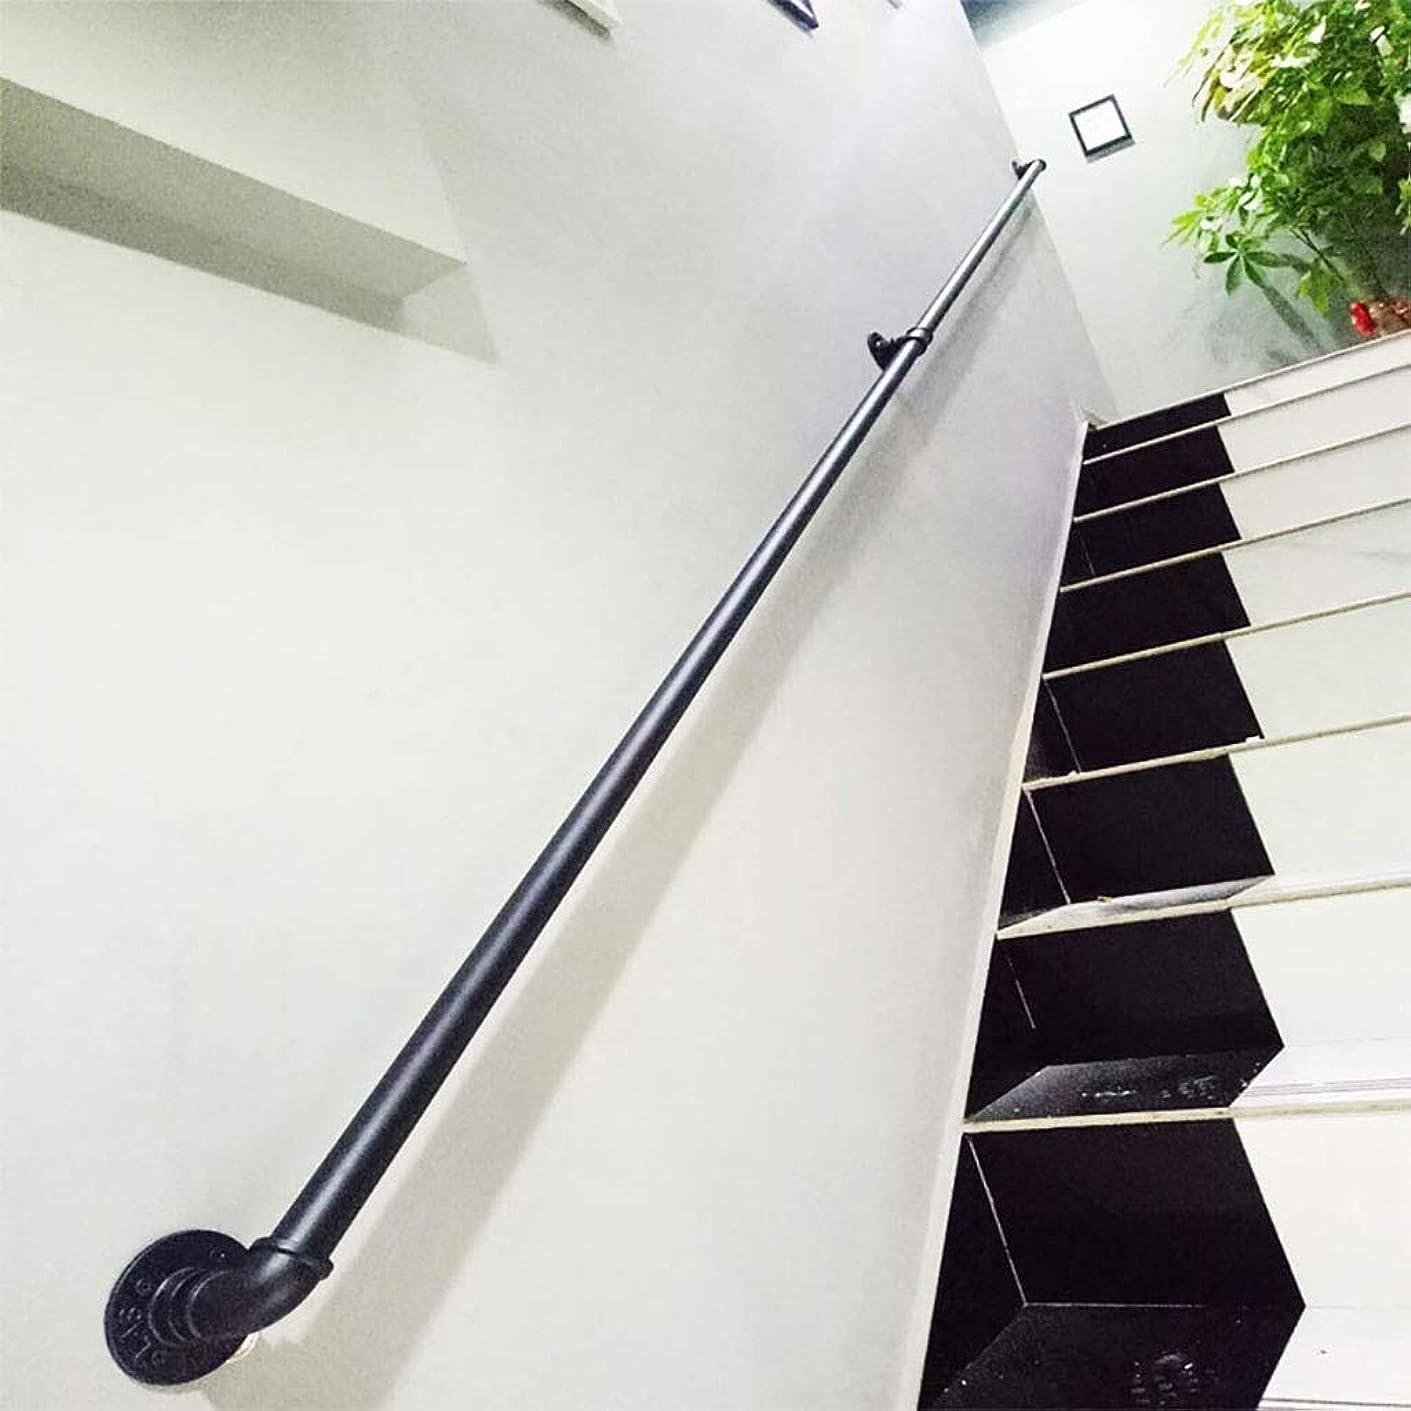 炭水化物はっきりと正当化する階段用手すり壁、産業錬鉄丸パイプ階段や歩道の手すり、屋外屋内階段ポーチデッキハンドレール、1フィート、20フィート (Size : 13ft)